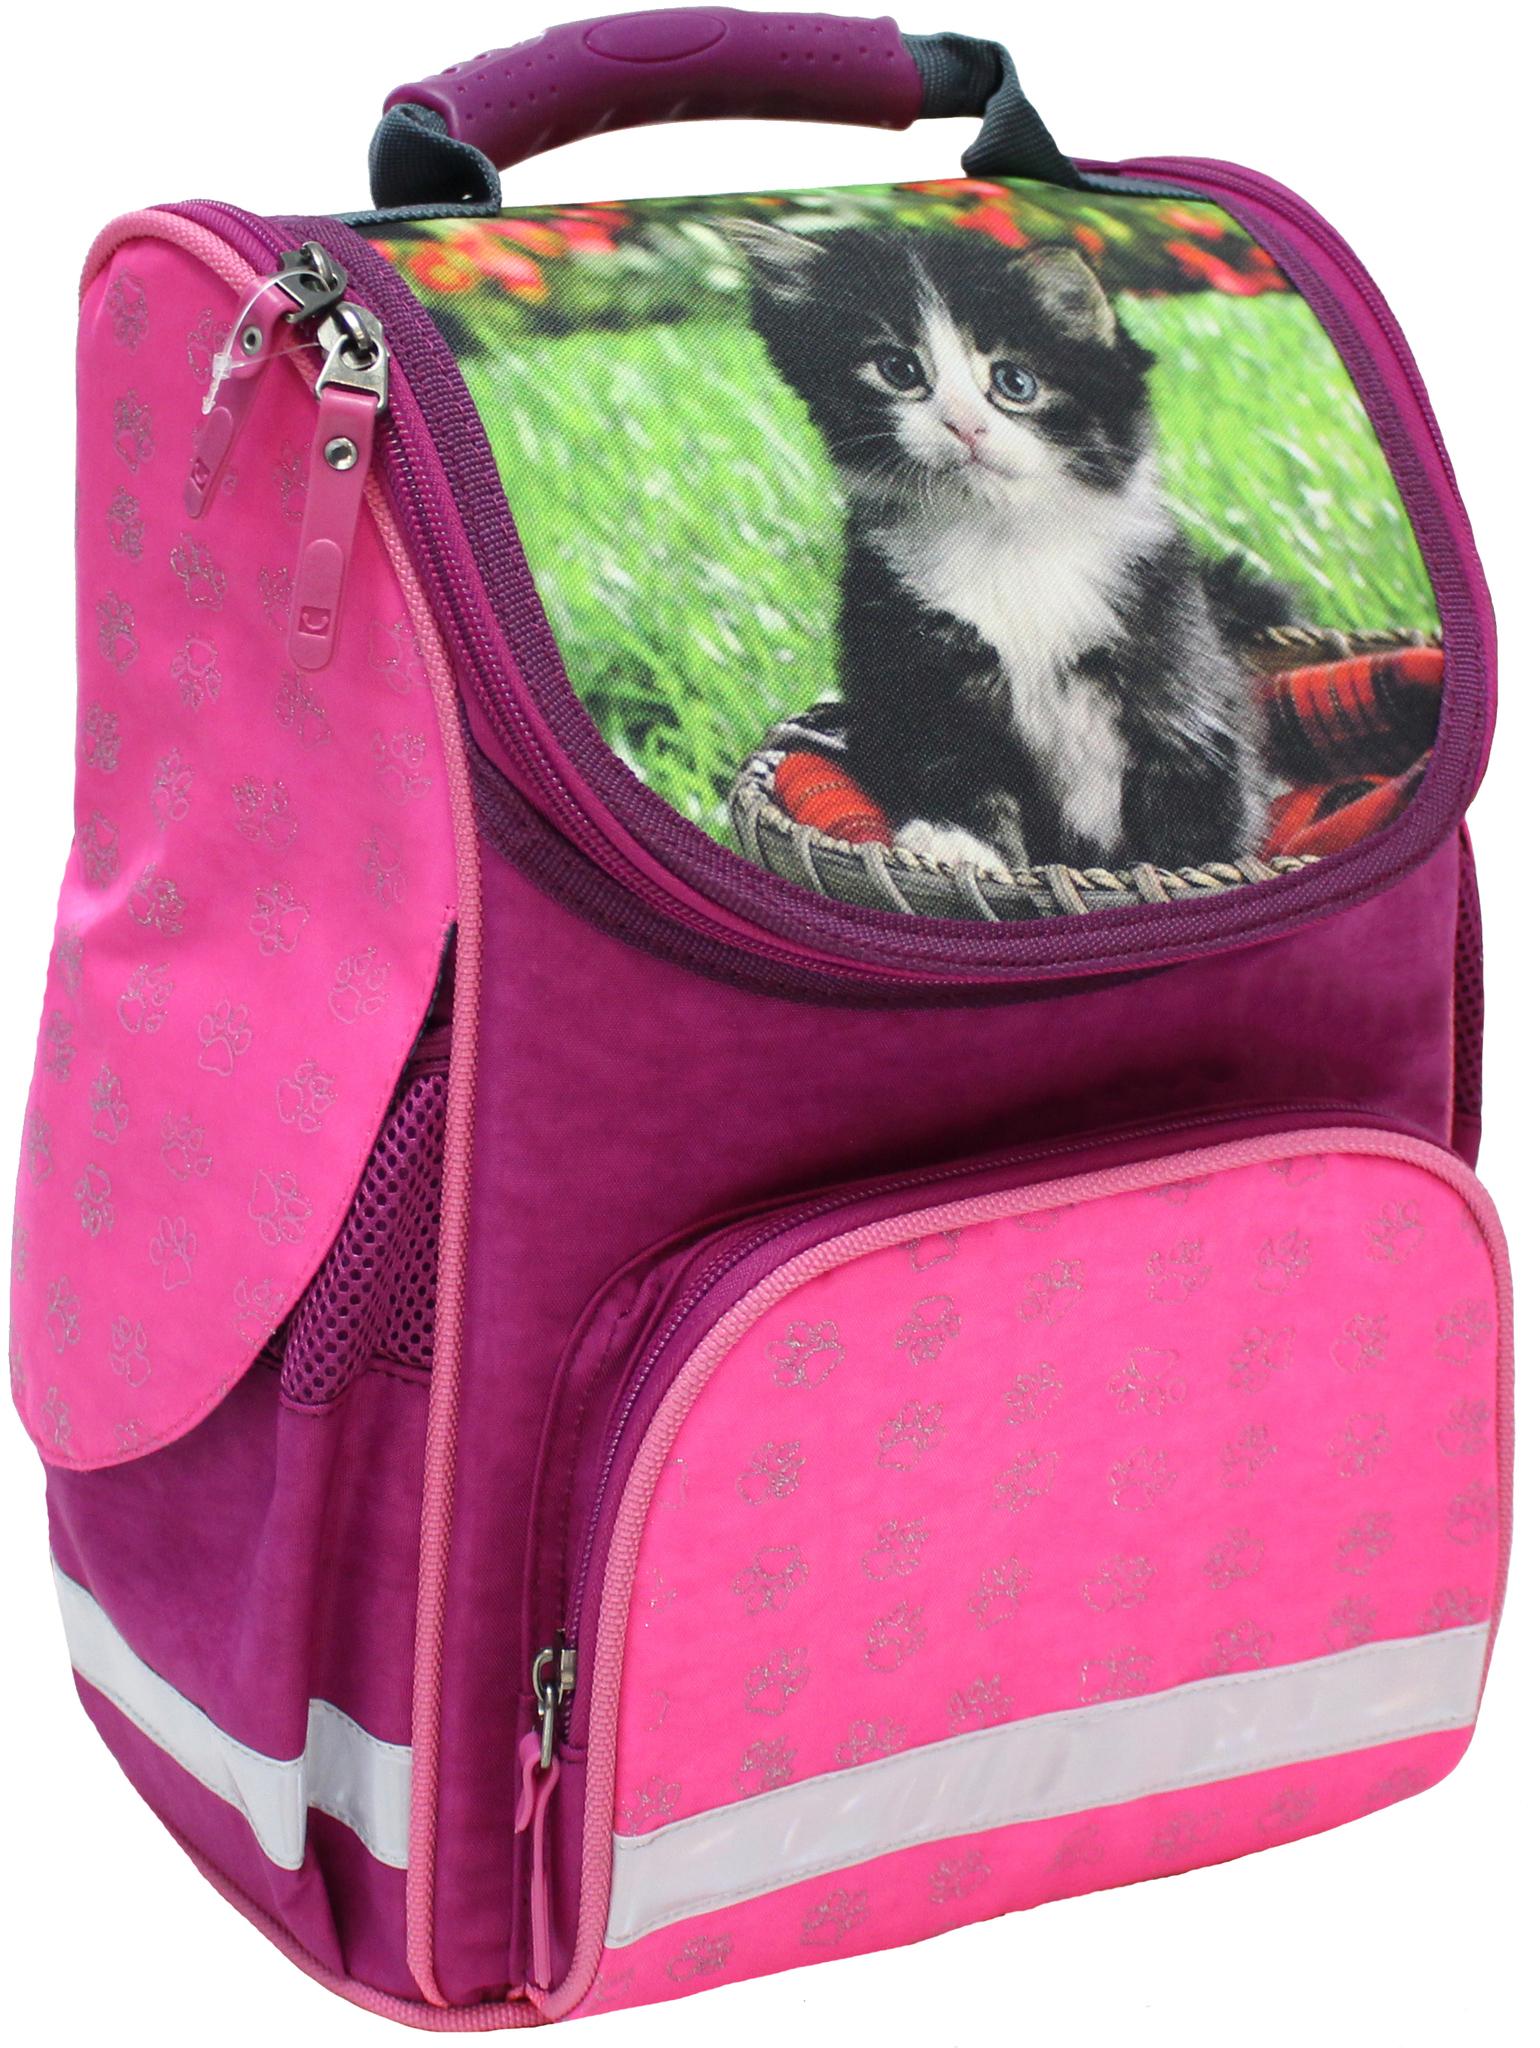 Школьные рюкзаки Рюкзак школьный каркасный Bagland Успех 12 л. 143 малина 59 д (00551702) IMG_4791.JPG